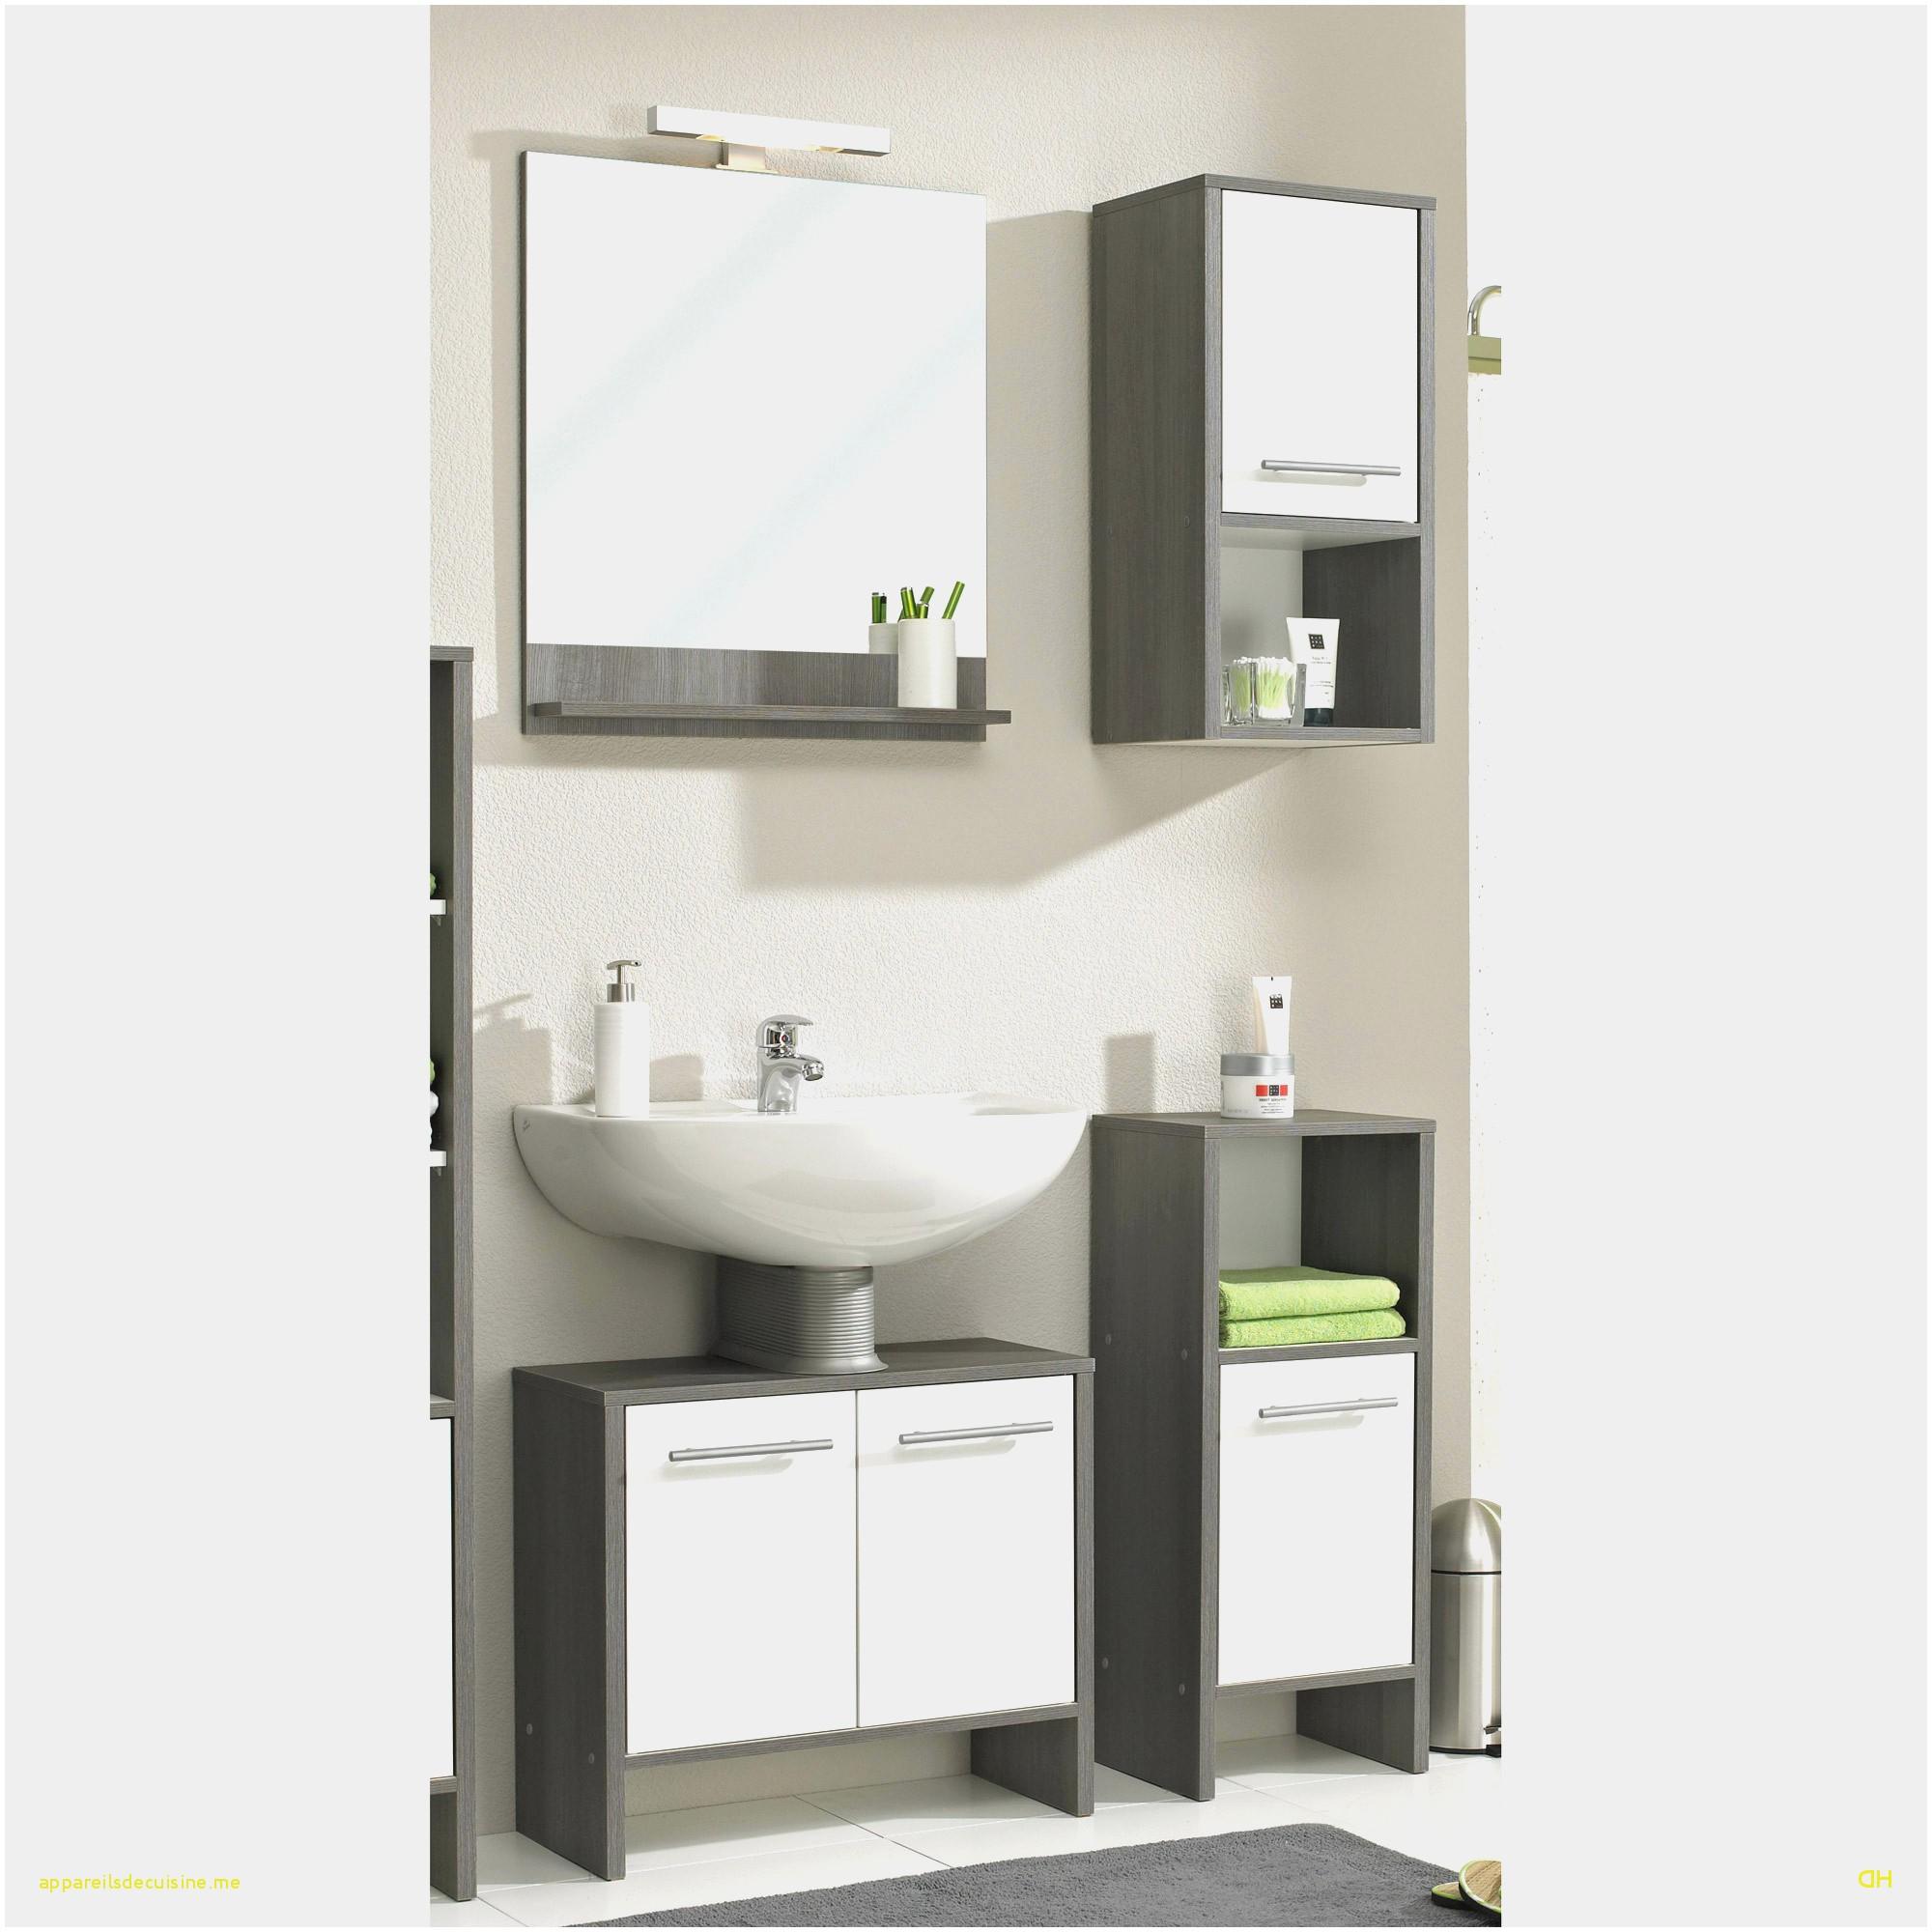 Ikea Salle De Bains Nouveau Images 10 Nouveau Meuble toilette Ikea Anciendemutu